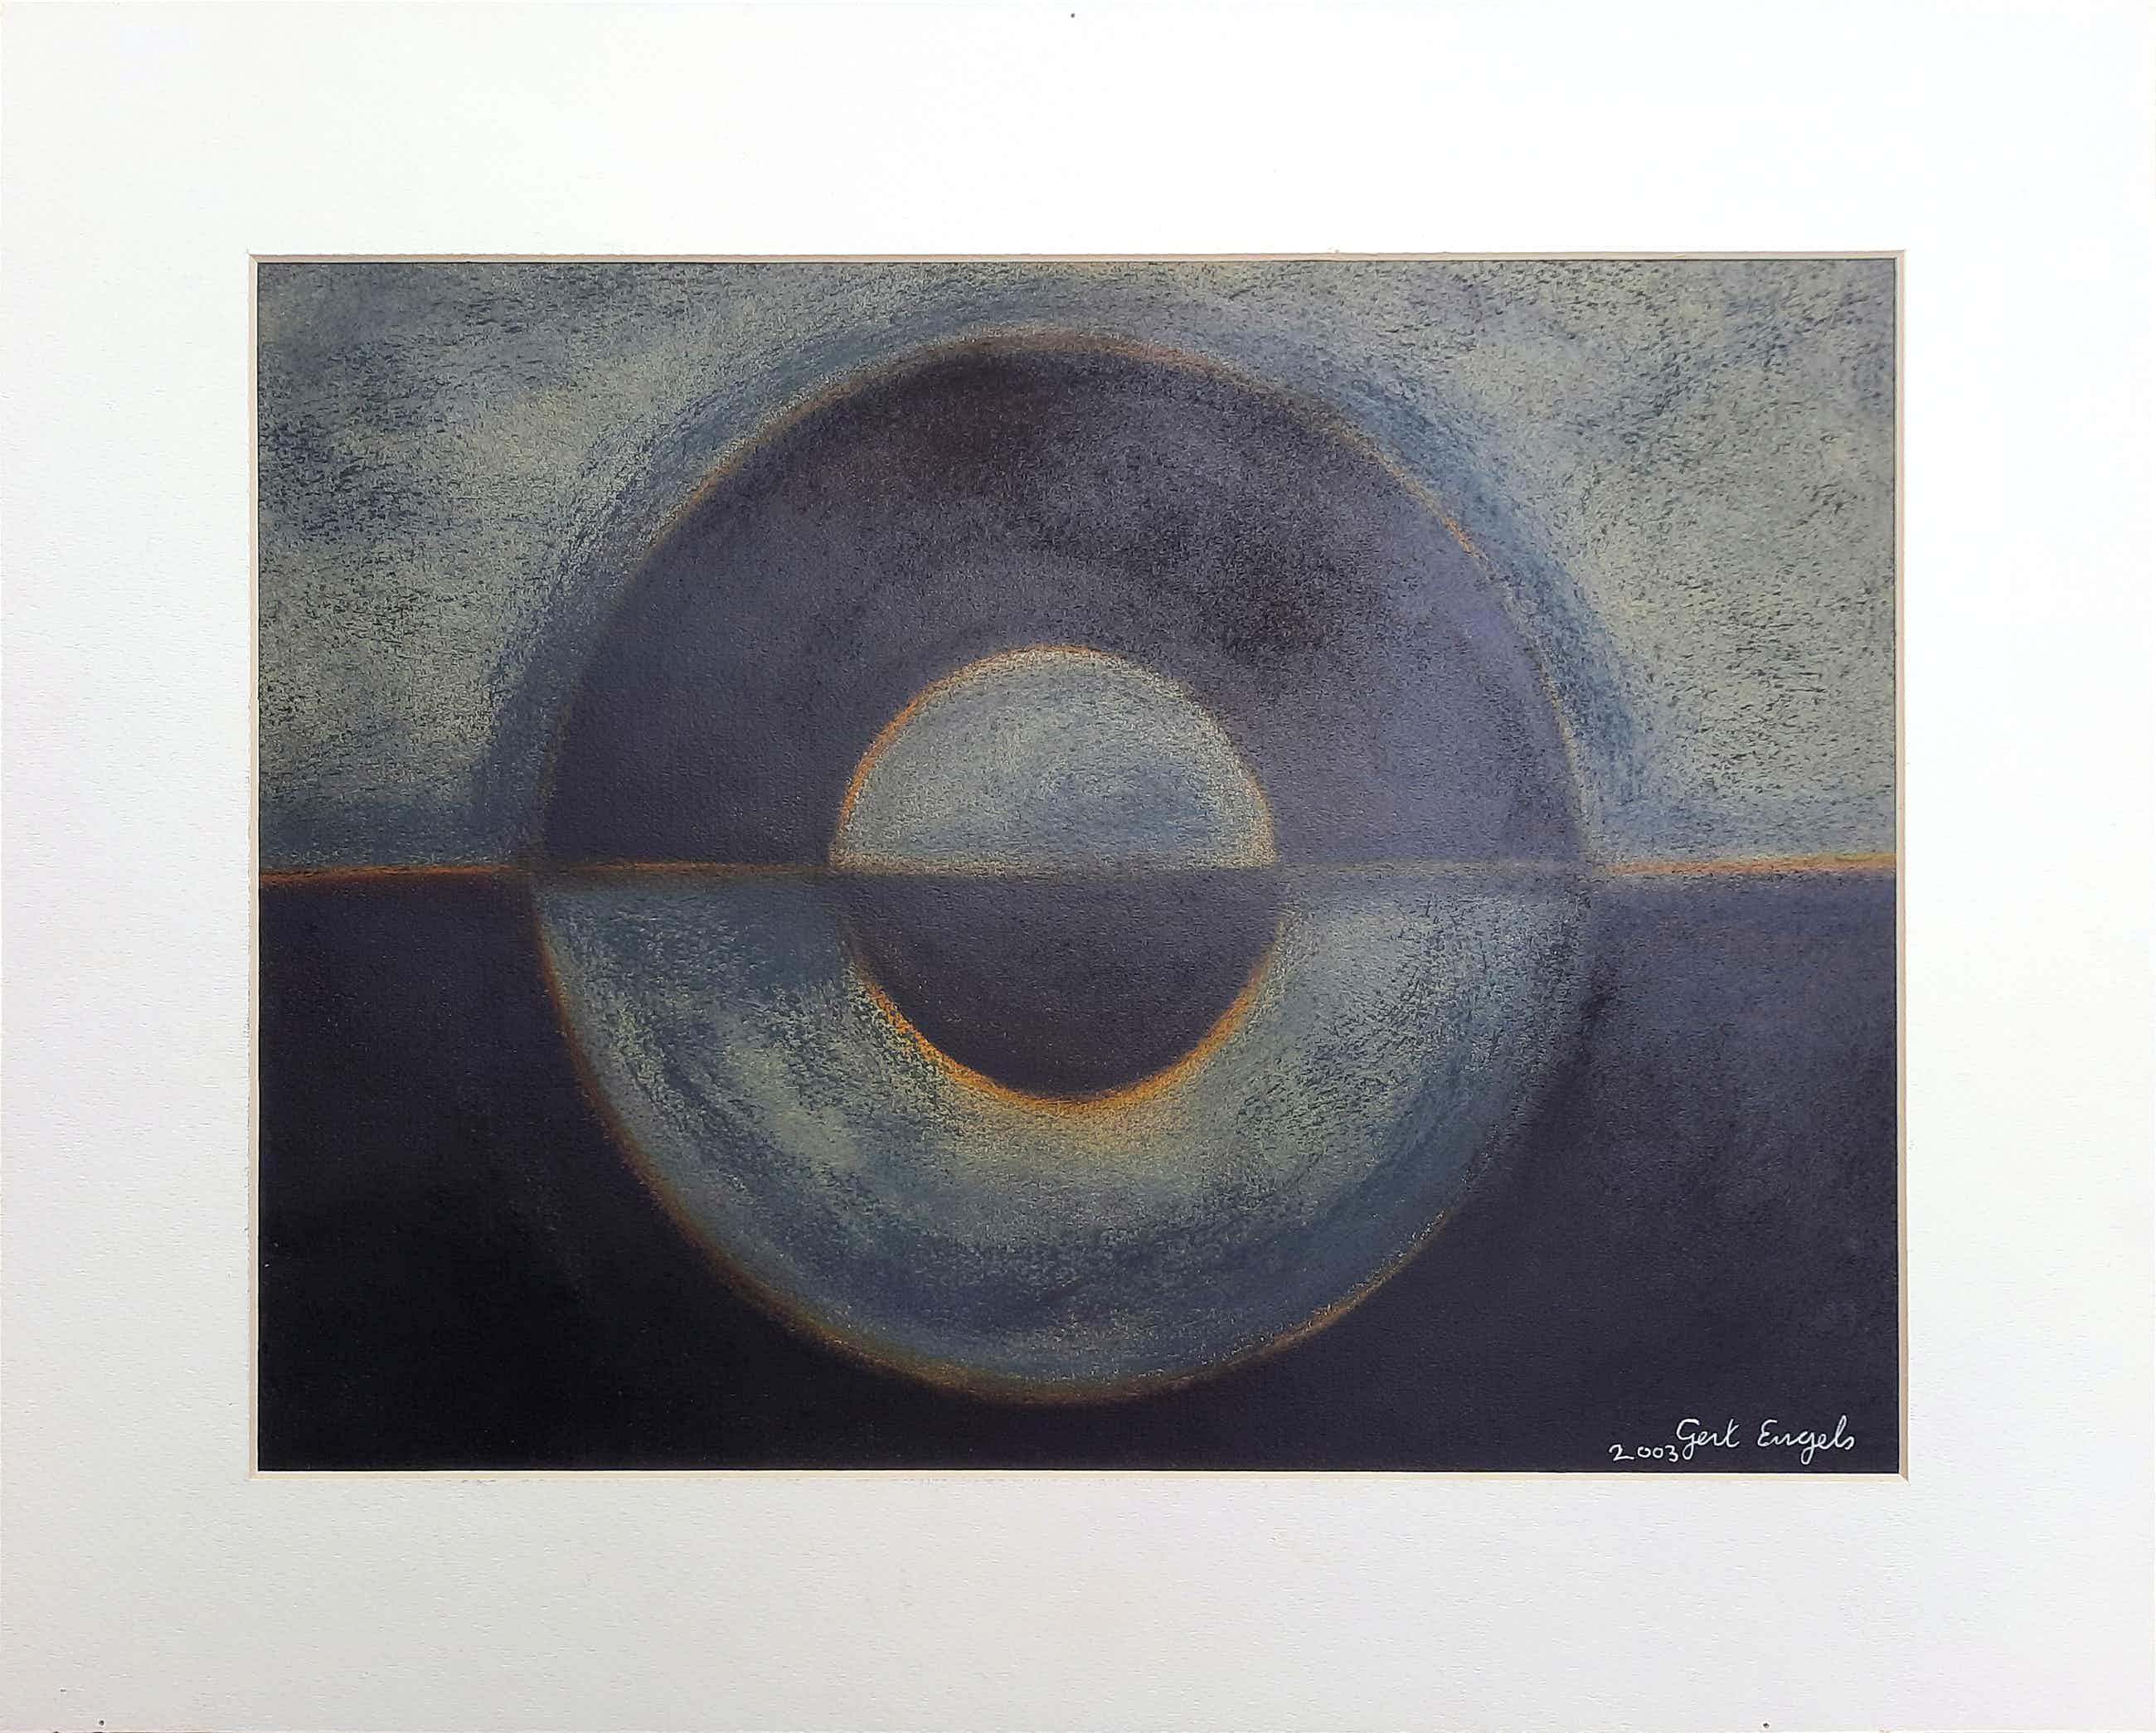 Gert Engels - Zonder titel – origineel schilderij uit 2003 kopen? Bied vanaf 75!